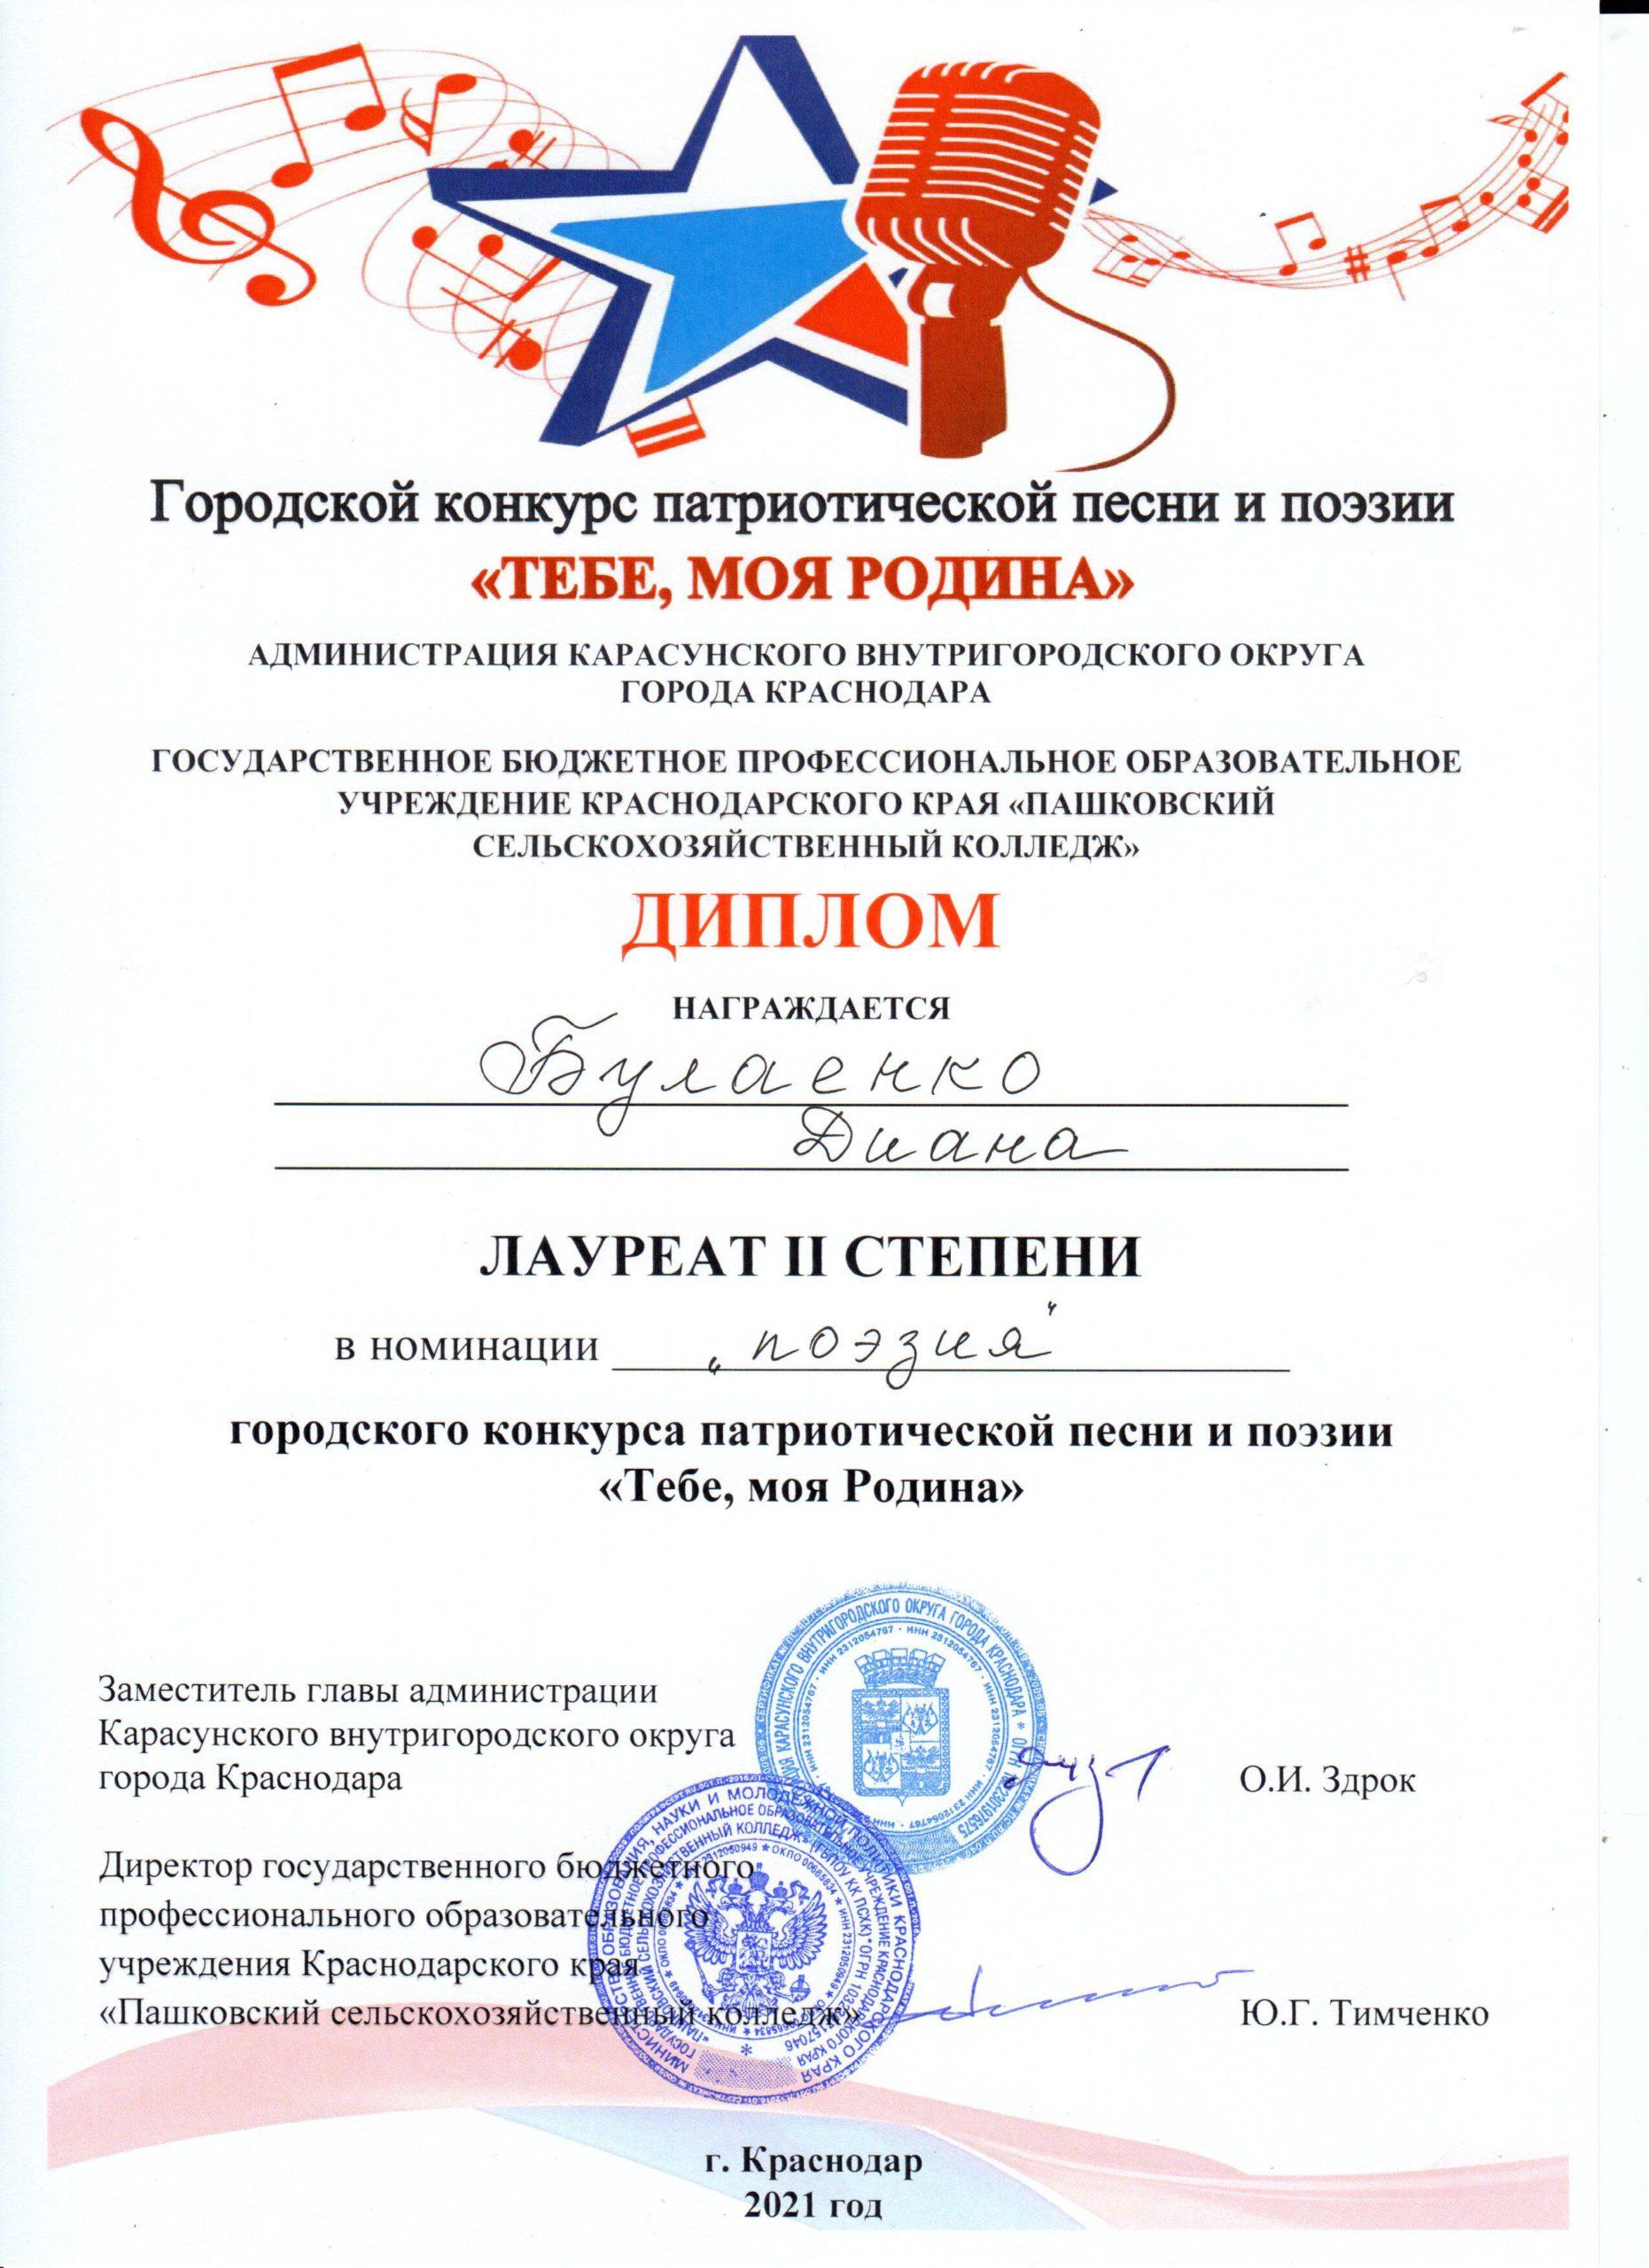 Булаенко